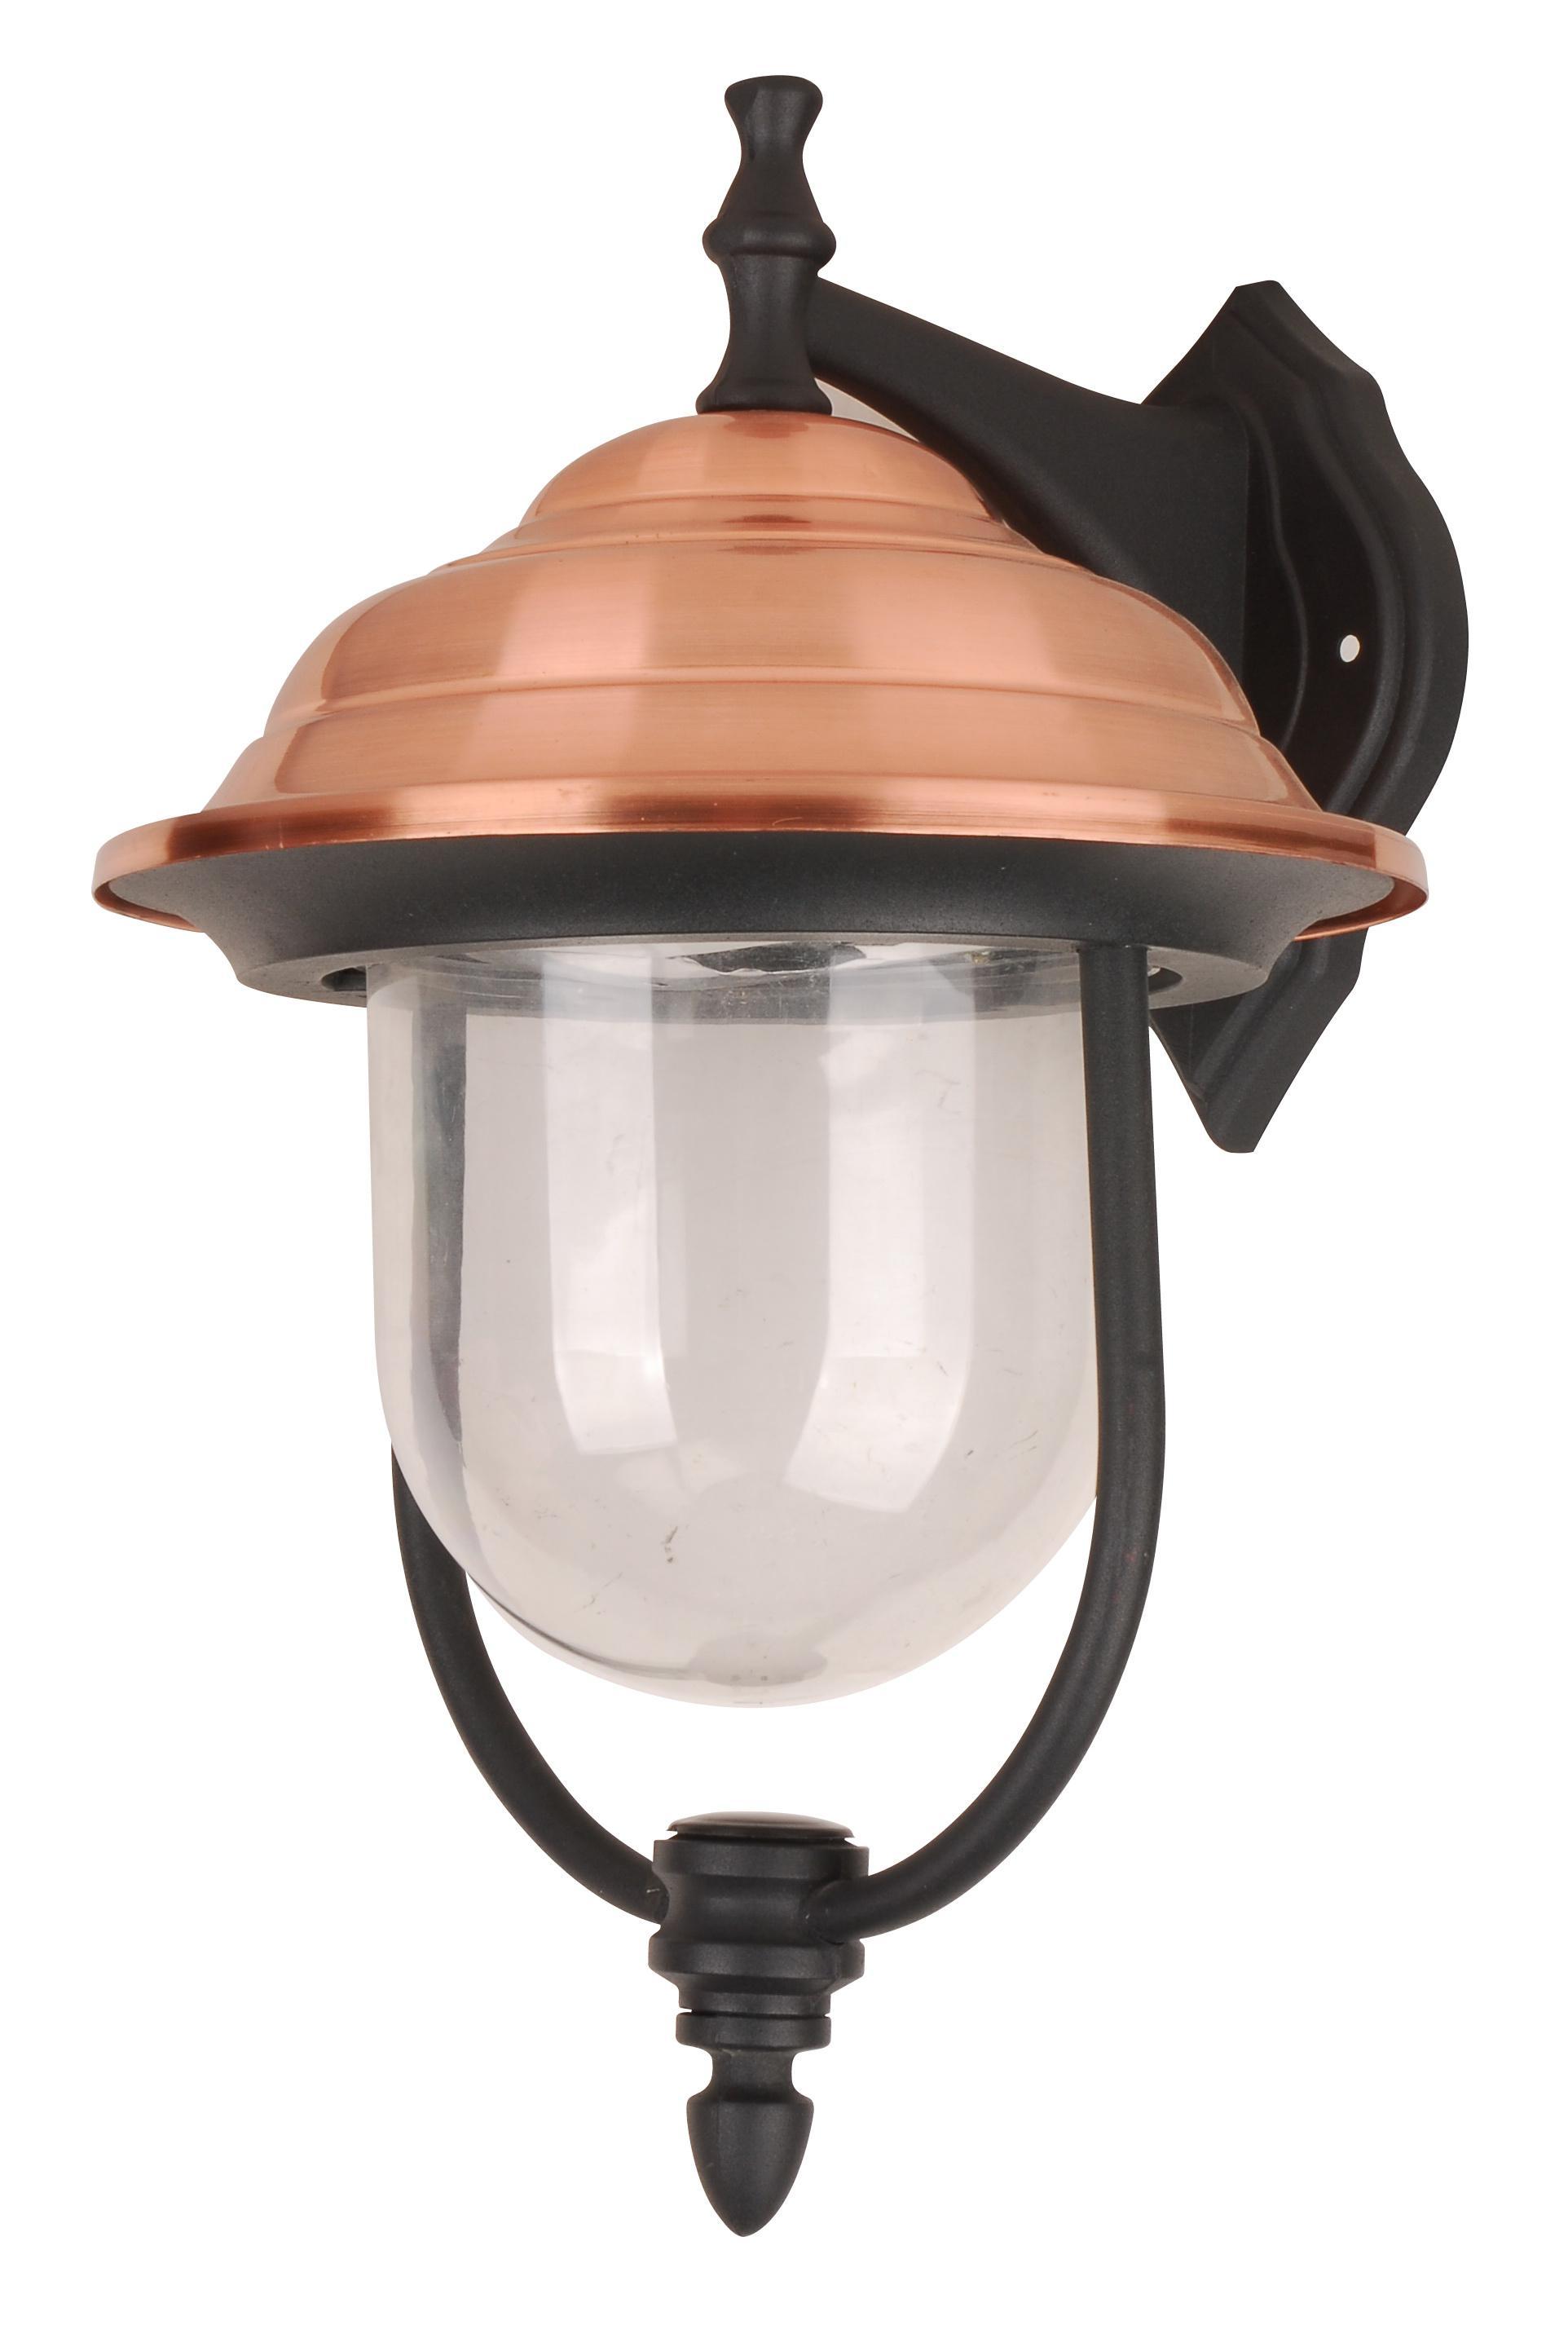 Светильник De fran Tv-799dn, уличный, пластик медь+черный